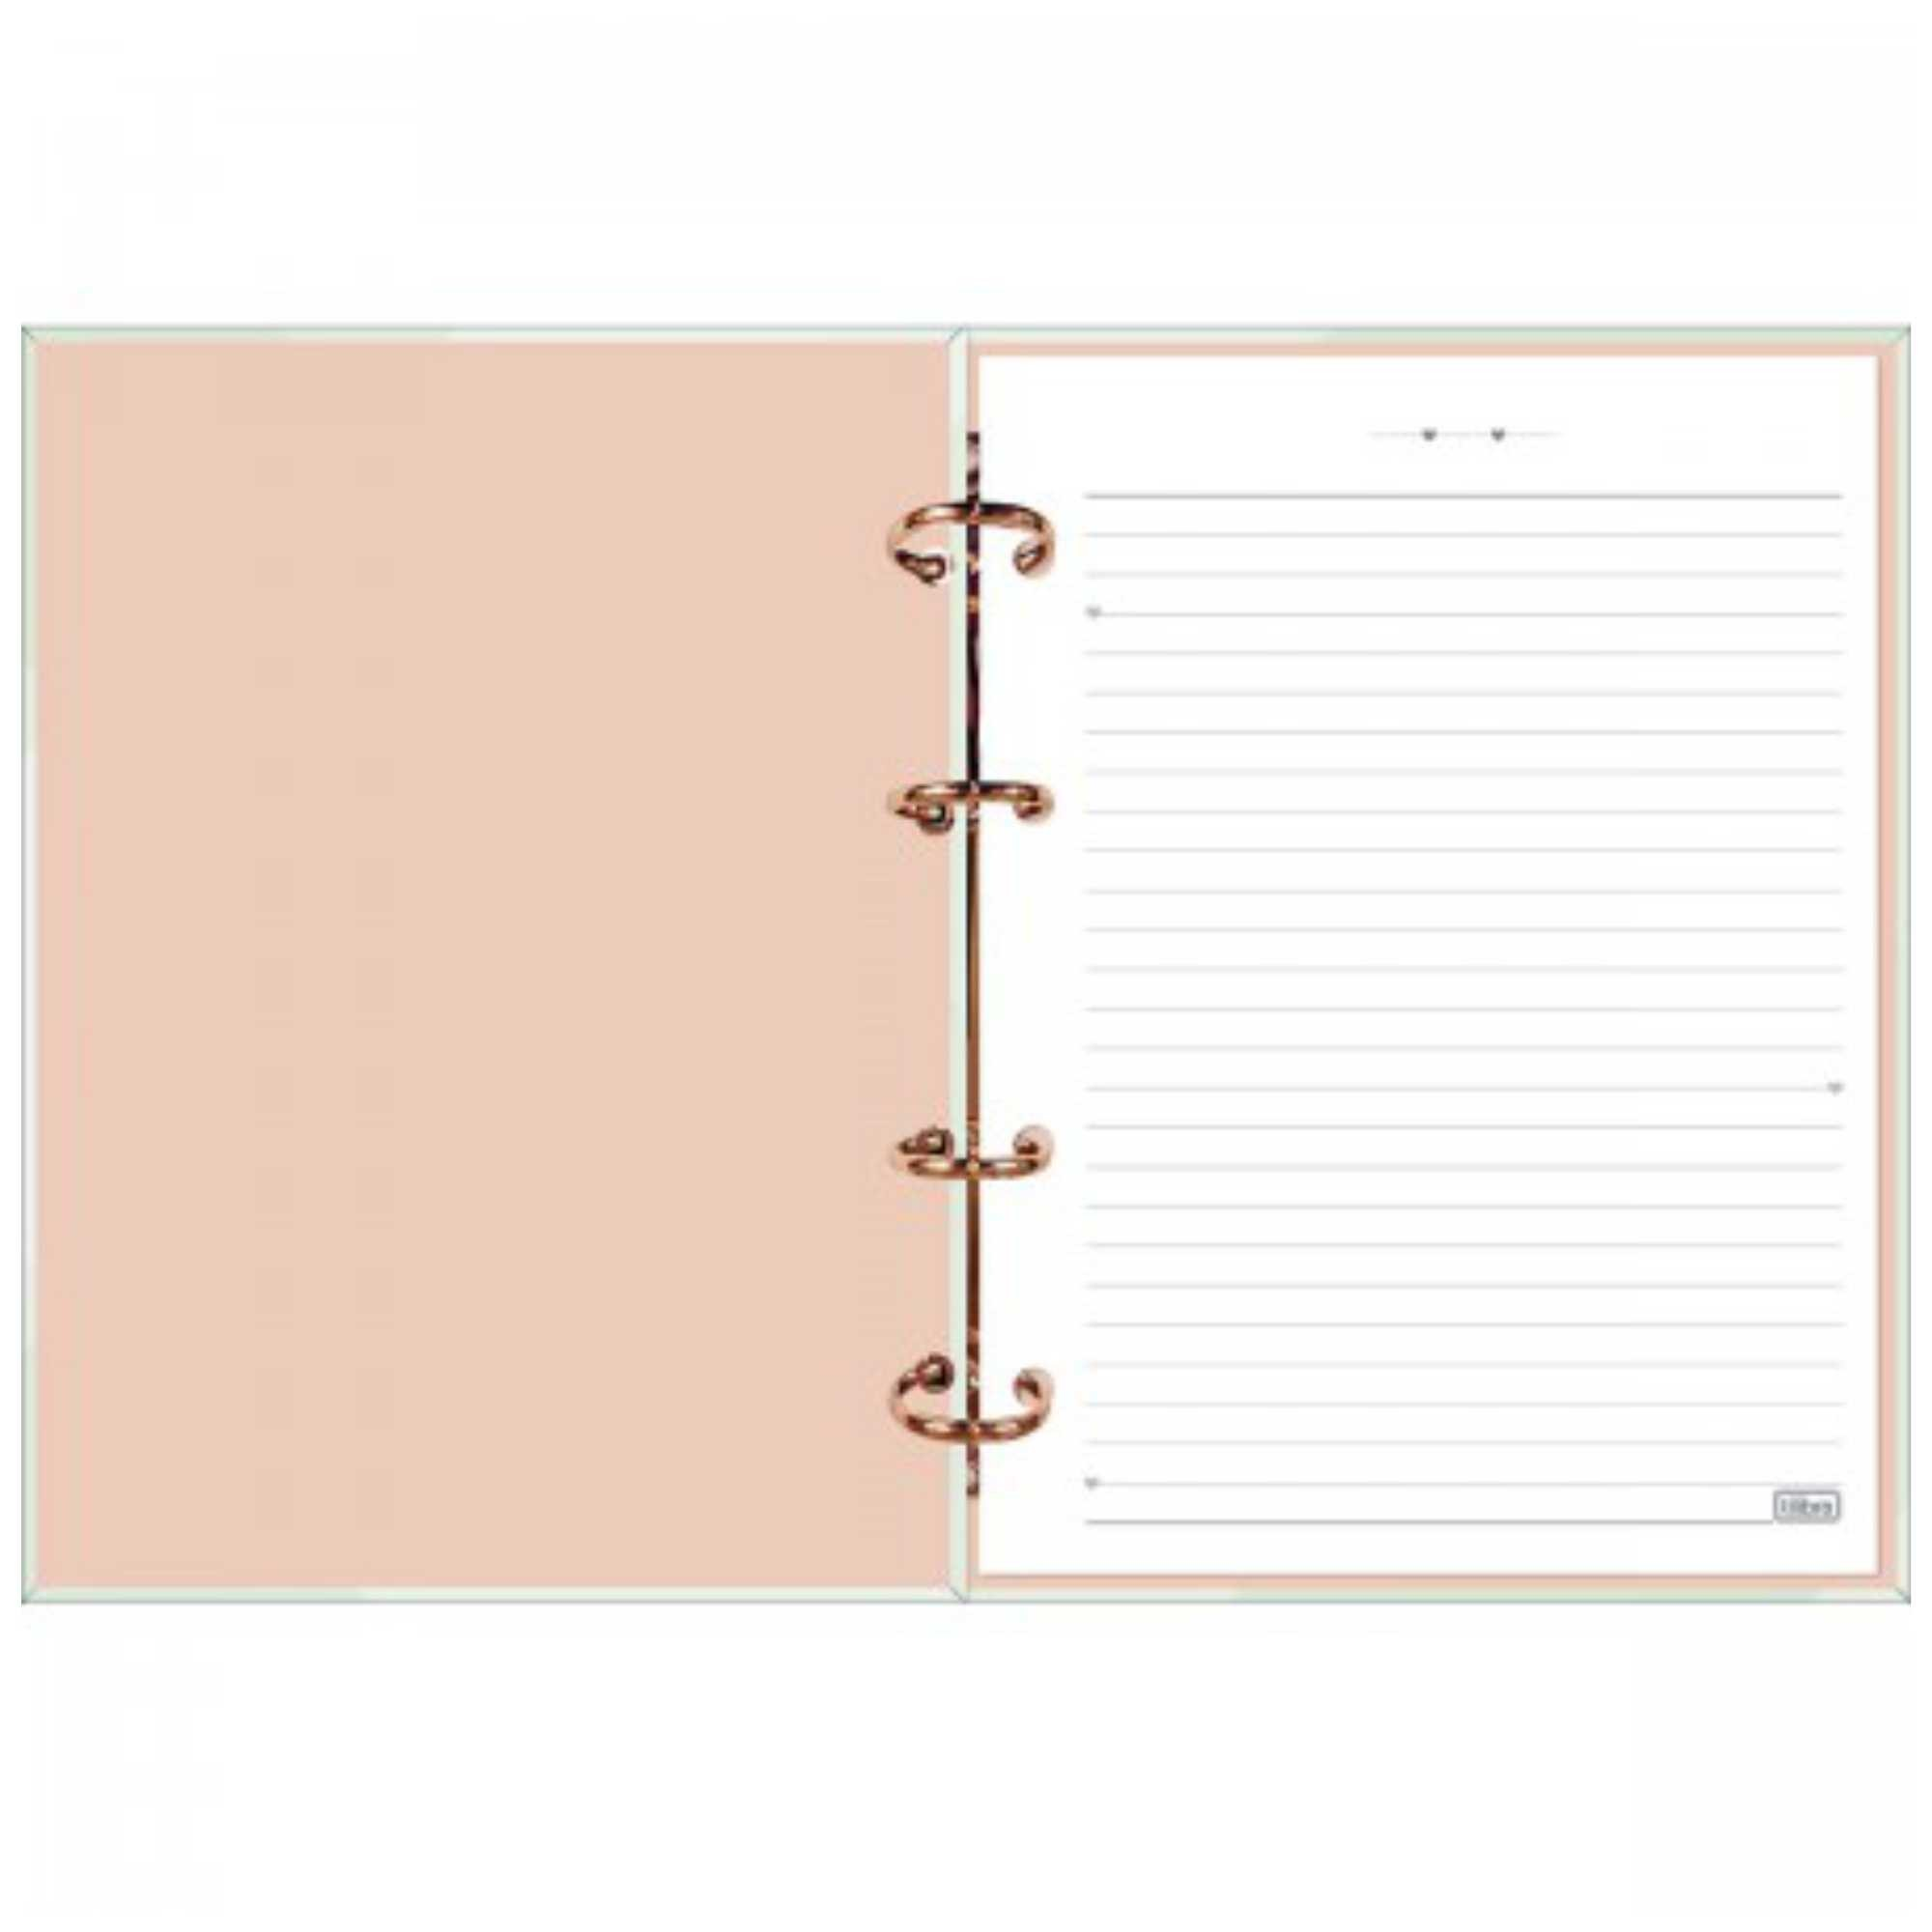 Caderno Argolado Colegial Soho 160 folhas  Tilibra